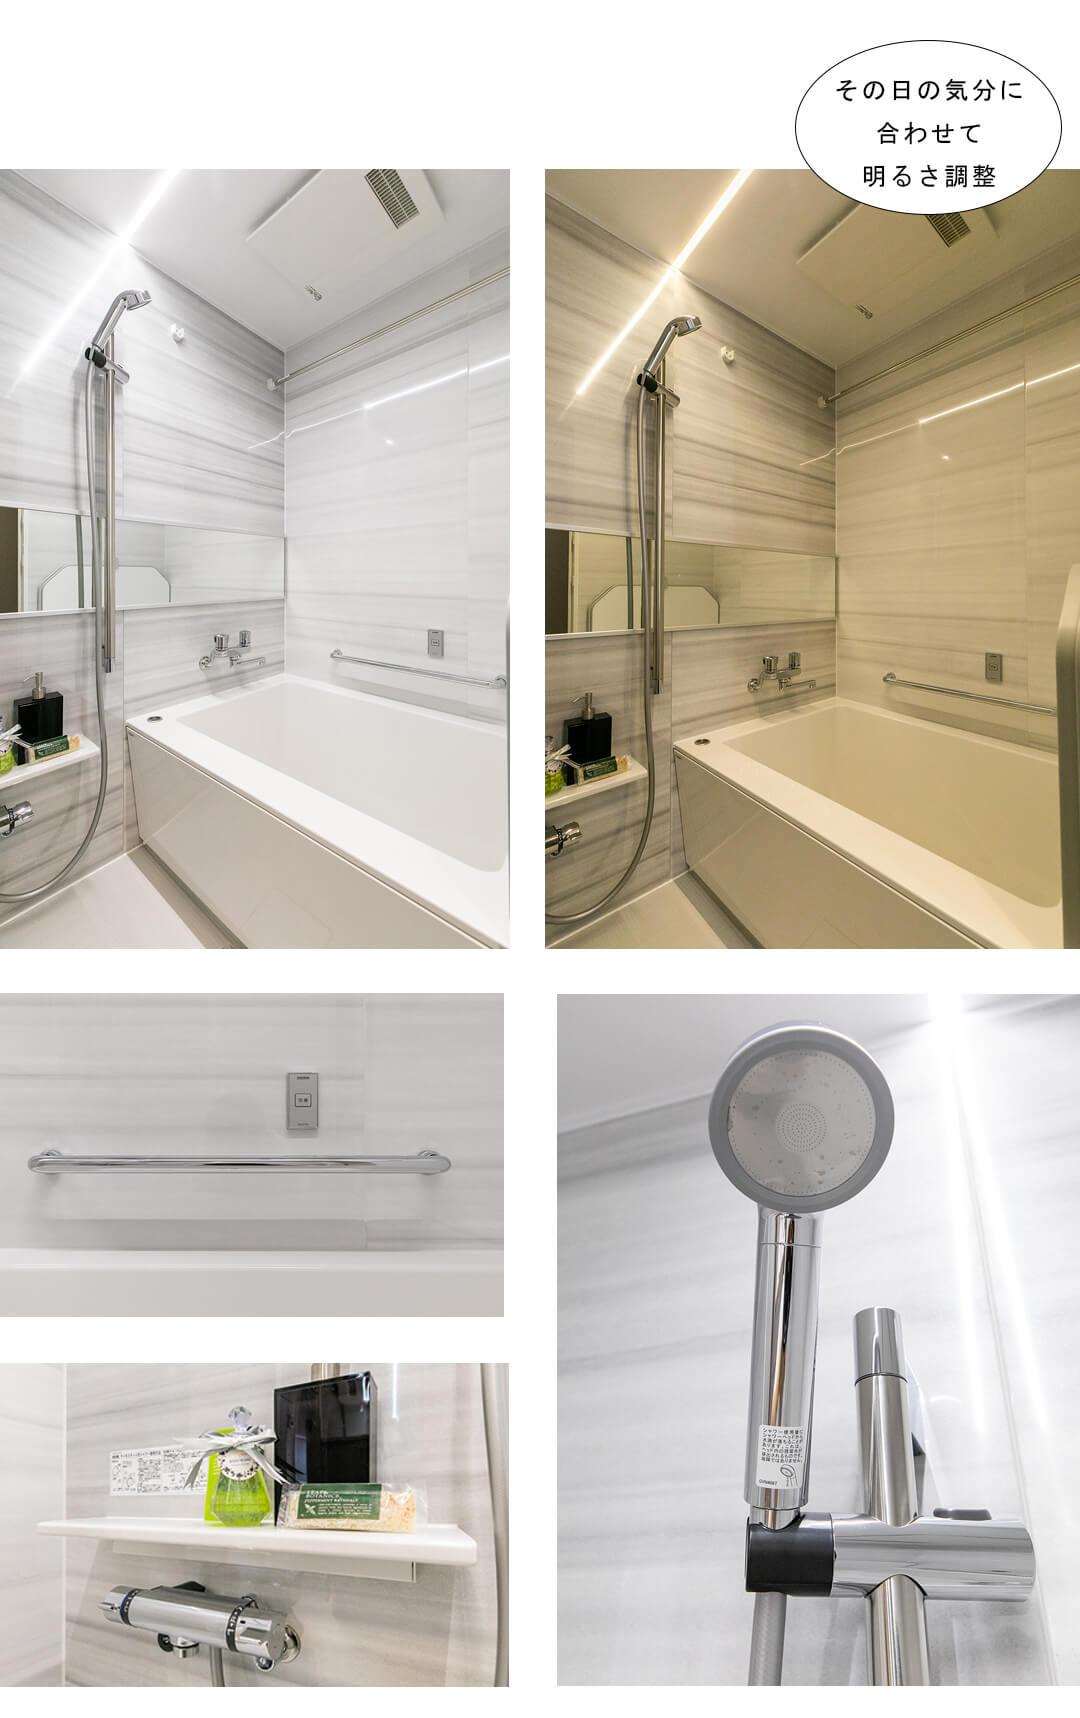 朝日プラザ新蒲田 415の浴室